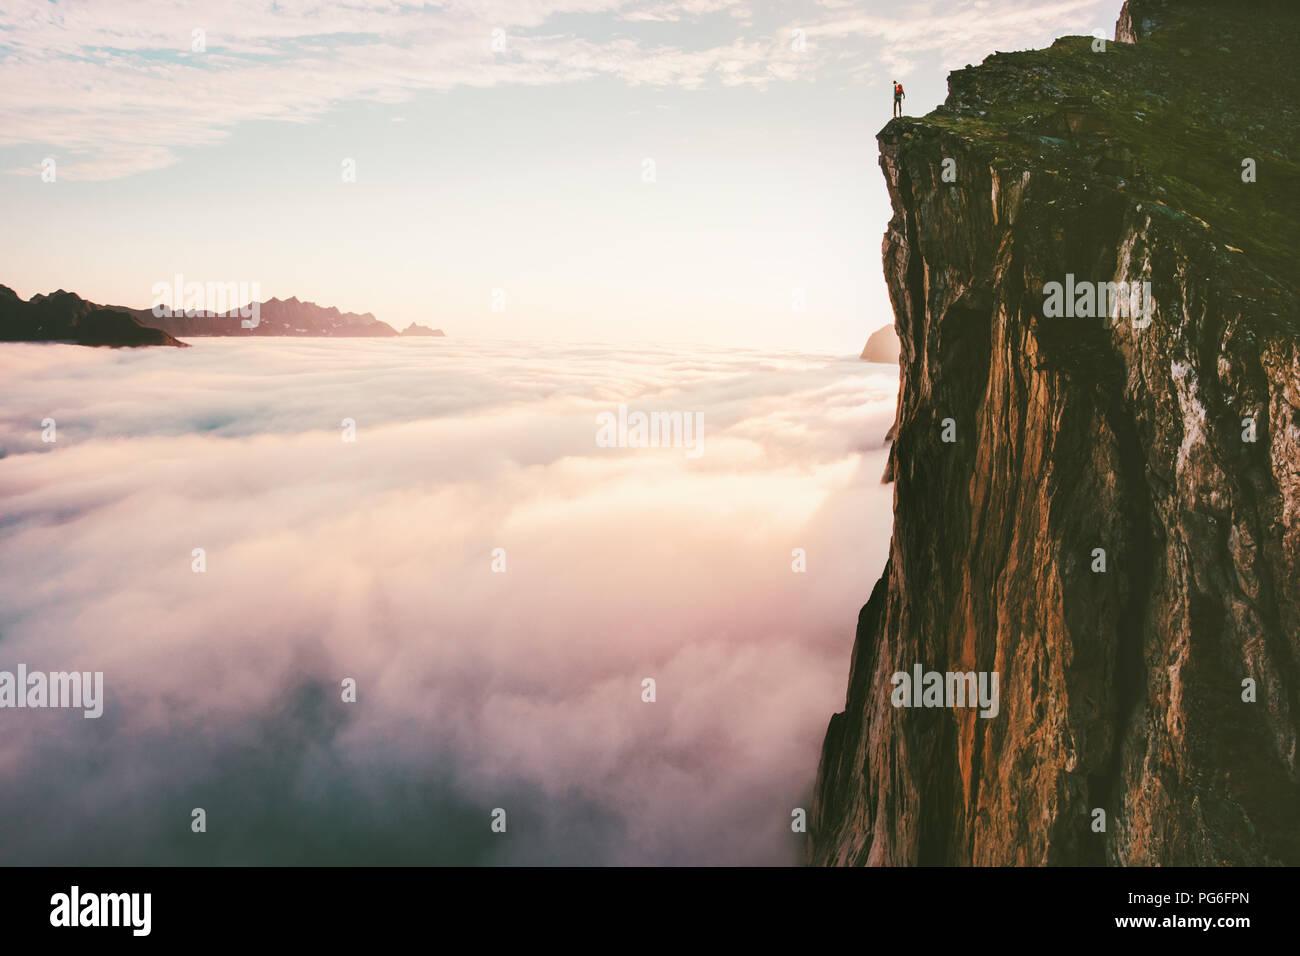 Reisende stehen auf Klippe Mountain Top vor Sonnenuntergang Wolken reisen Abenteuer lifestyle Sommer reise Ferien Stockfoto